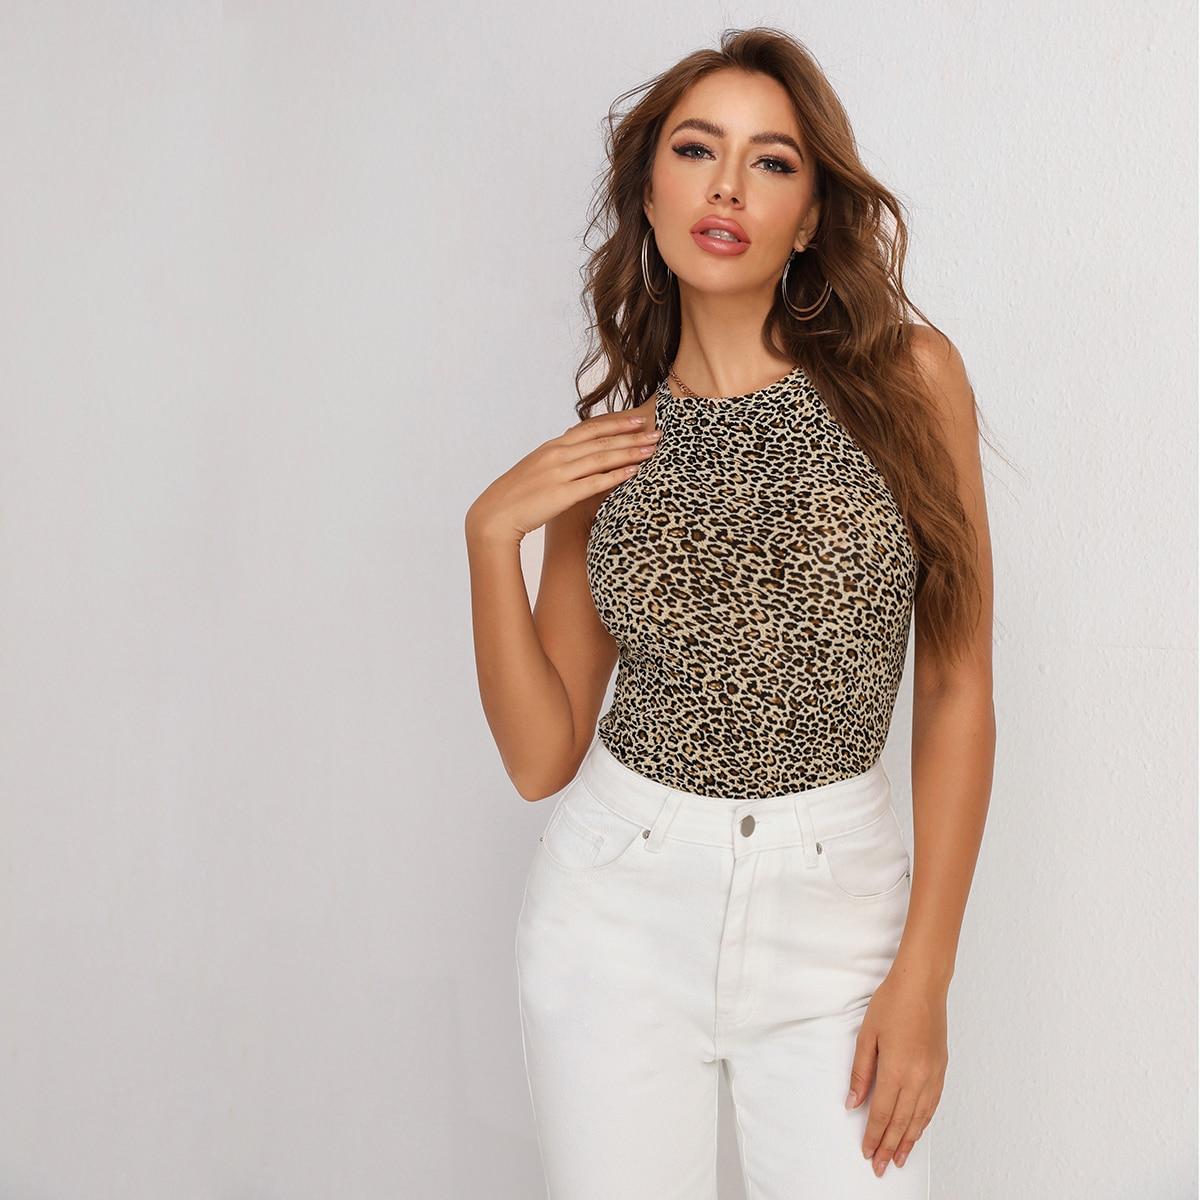 Топ-халтер с леопардовым принтом фото